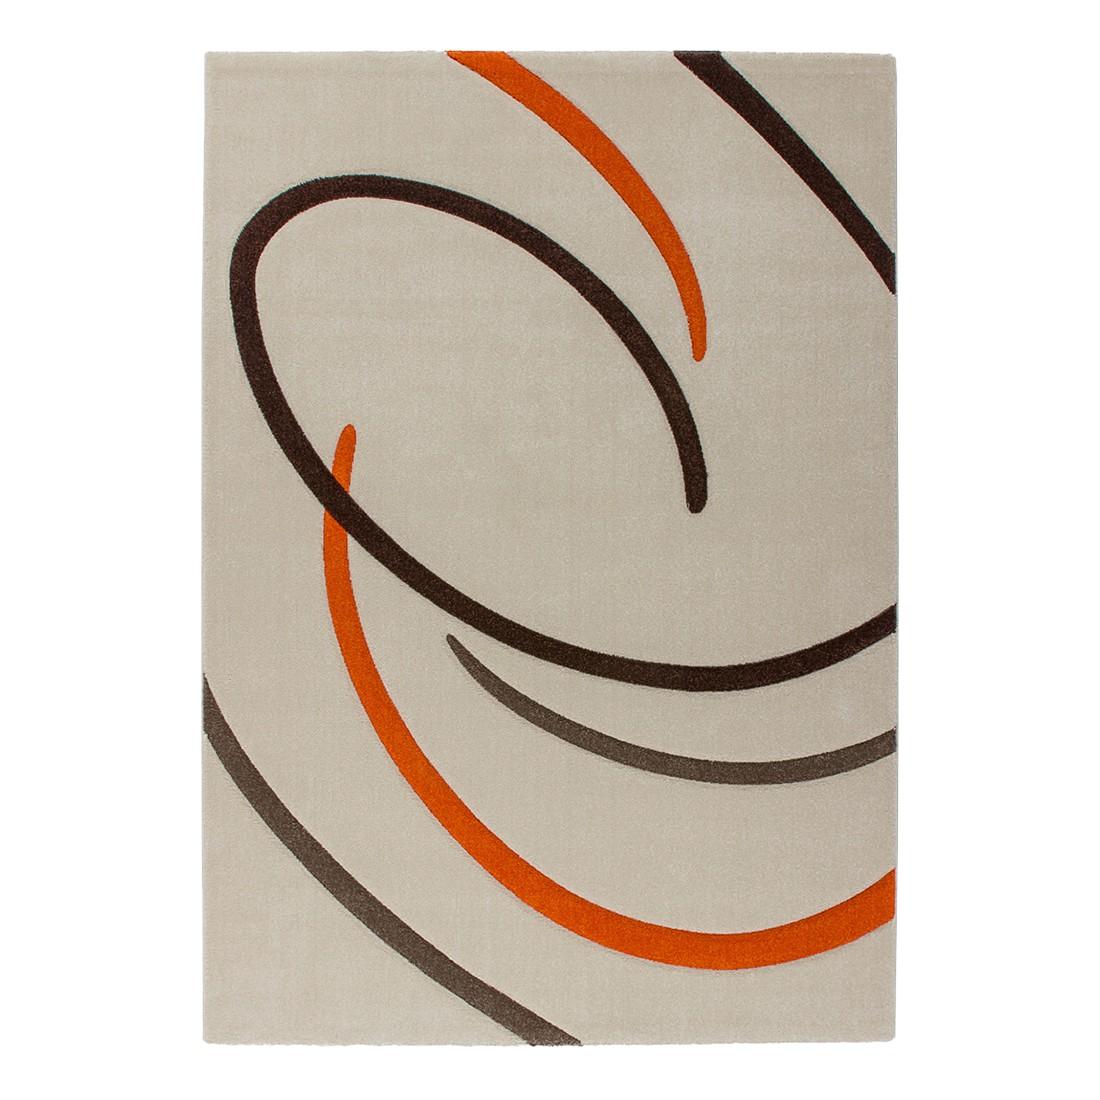 Teppich France – Nizza – Beige – 200 x 290 cm, Kayoom kaufen